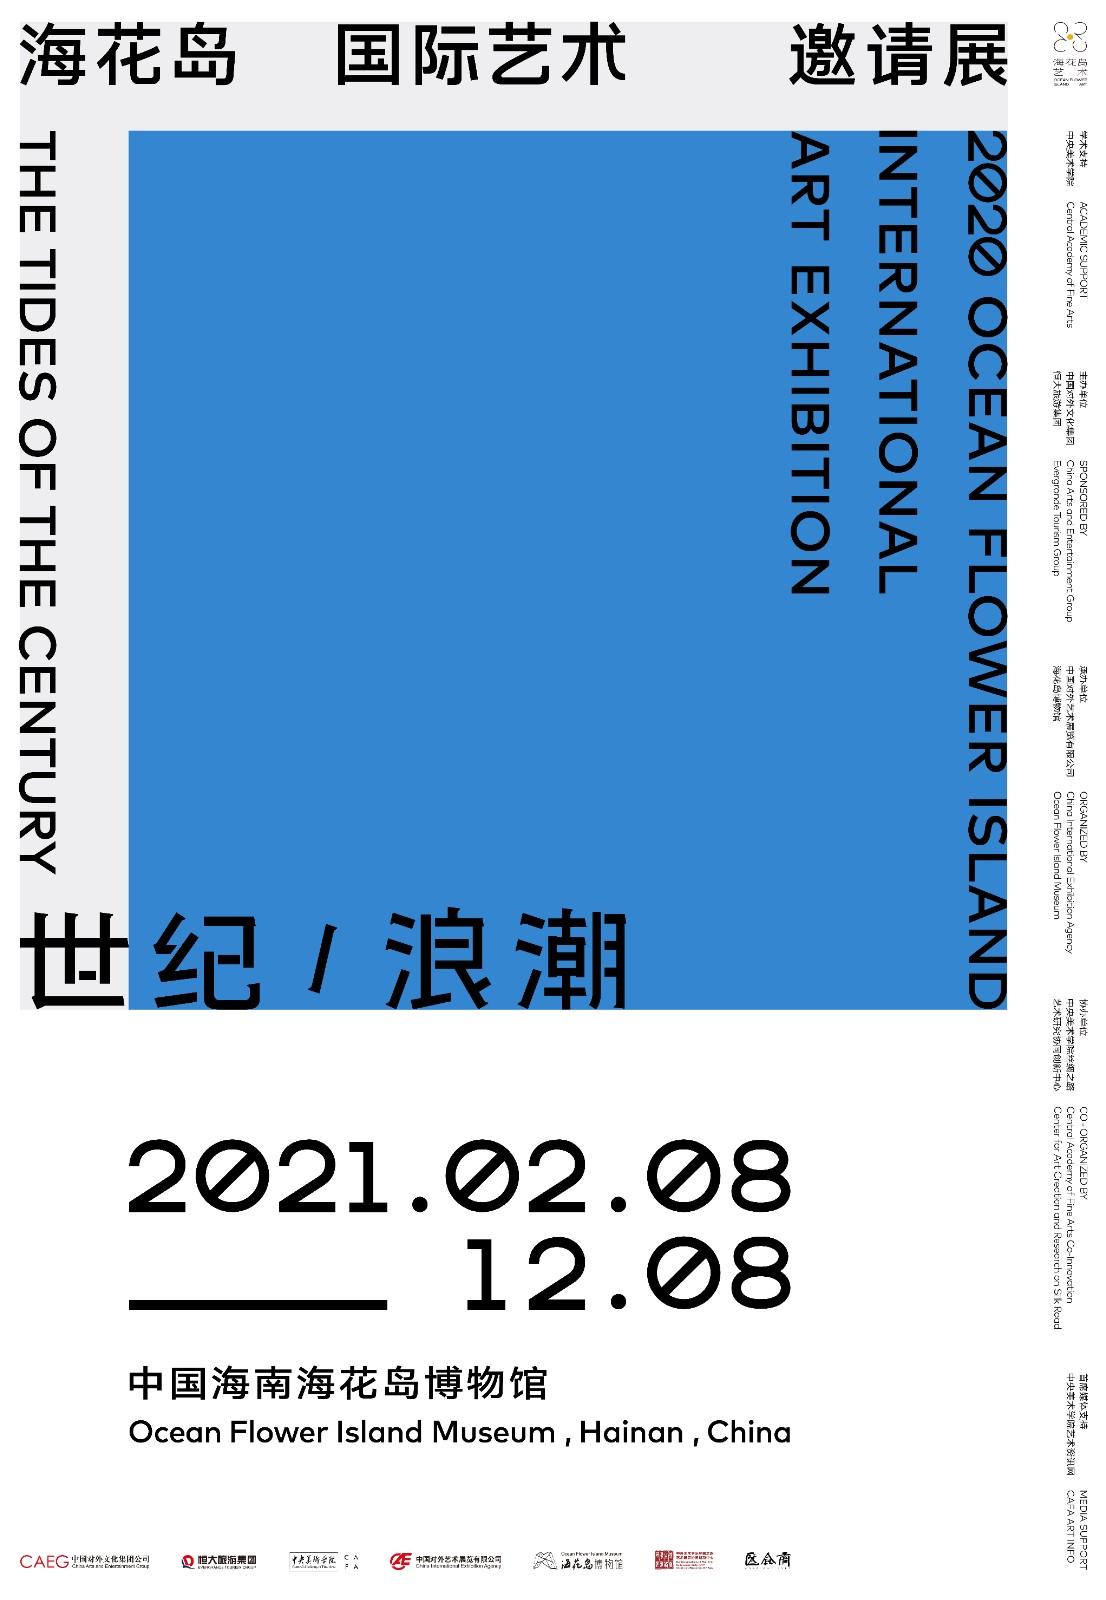 36 2020海花岛国际艺术邀请展展览主题海报